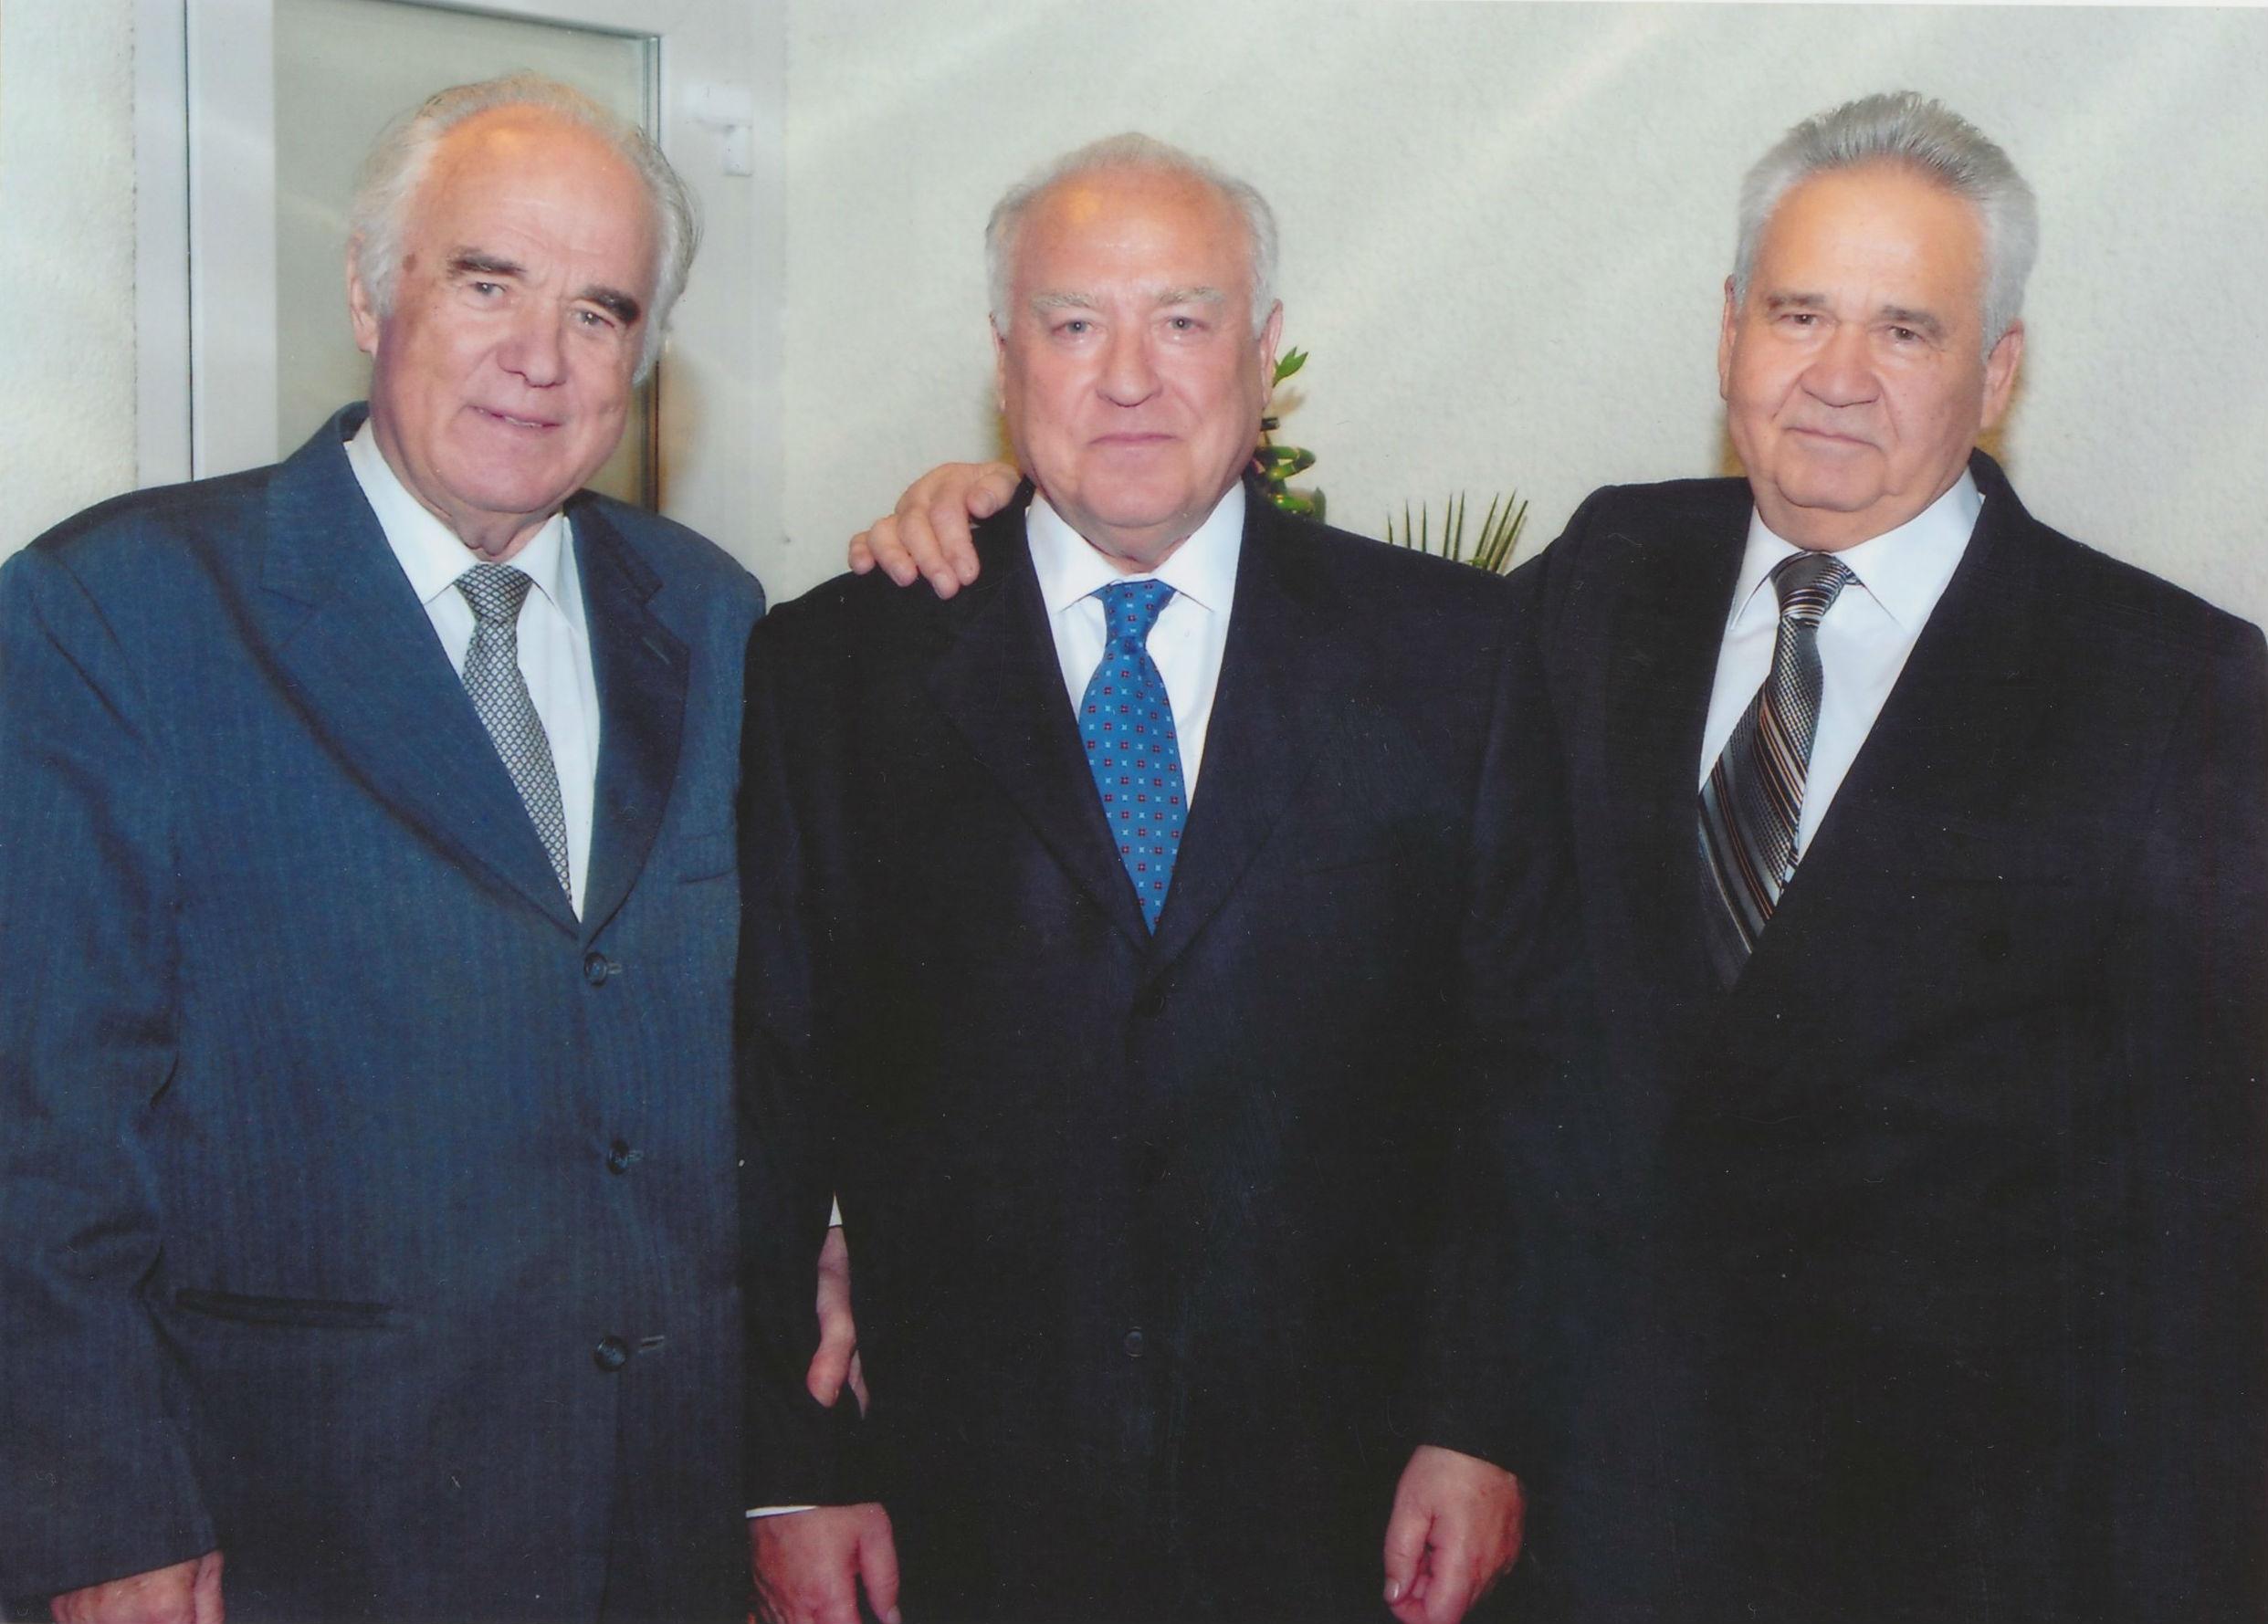 Виталий Масал, Виктор Черномырдин и Витольд Фокин. Фото из личного архива Витольда Фокина